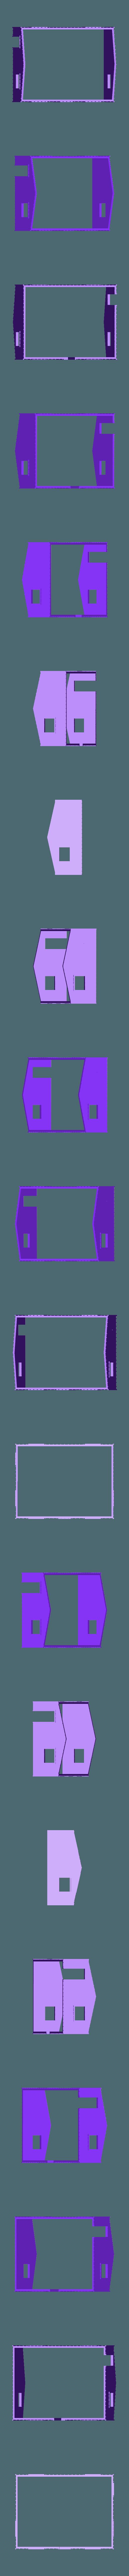 Walls.stl Télécharger fichier STL gratuit Bureau de triage à l'échelle HO • Objet à imprimer en 3D, kabrumble